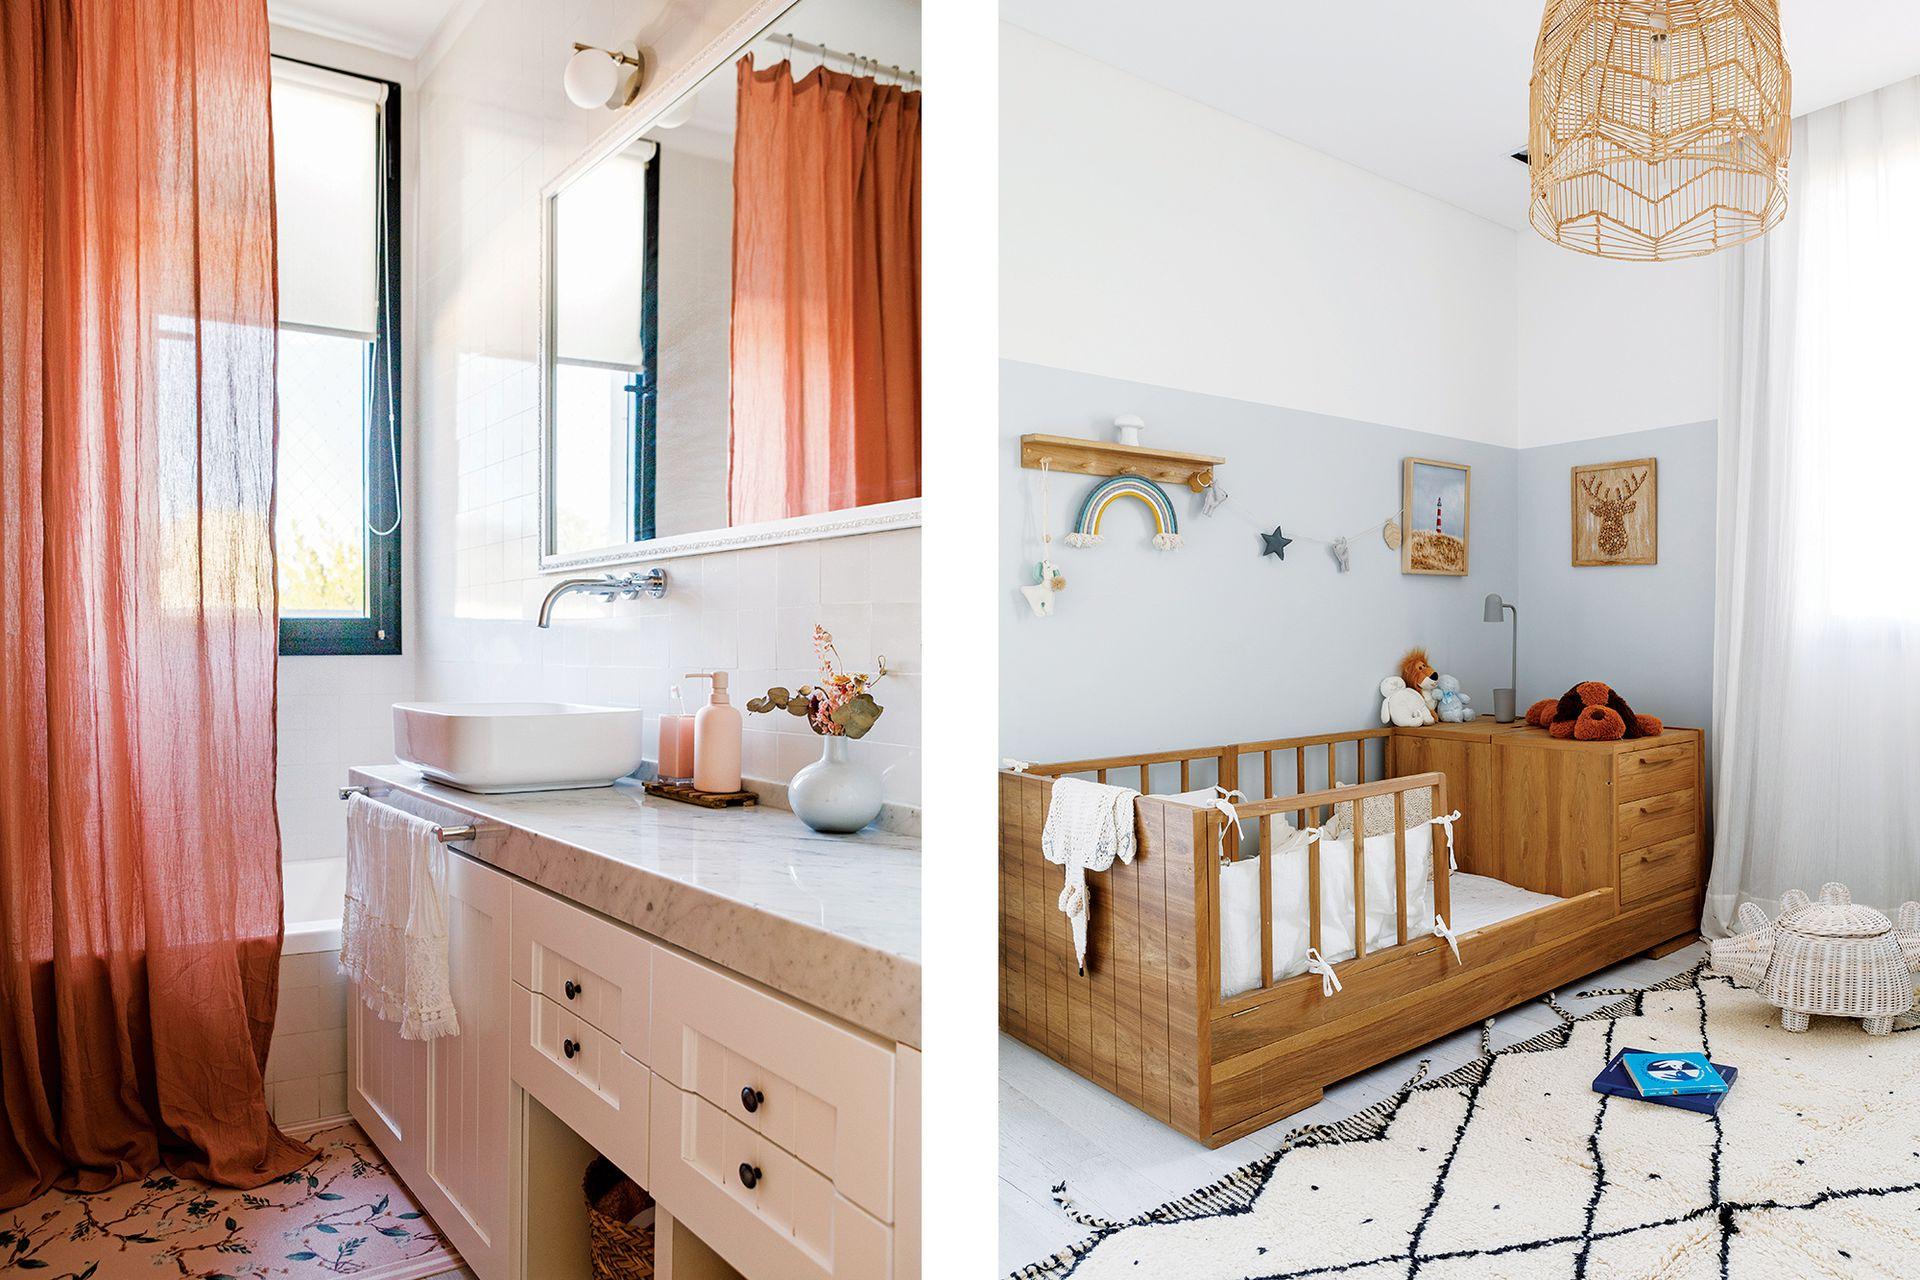 El baño fue reciclado con un mueble laqueado (Dwell), bacha 'Tori' (Ferrum) y mesada de Carrara (Marmolería Forte dei Marmi). Cortina rosa oscuro de gasa pañalera (Belgika).